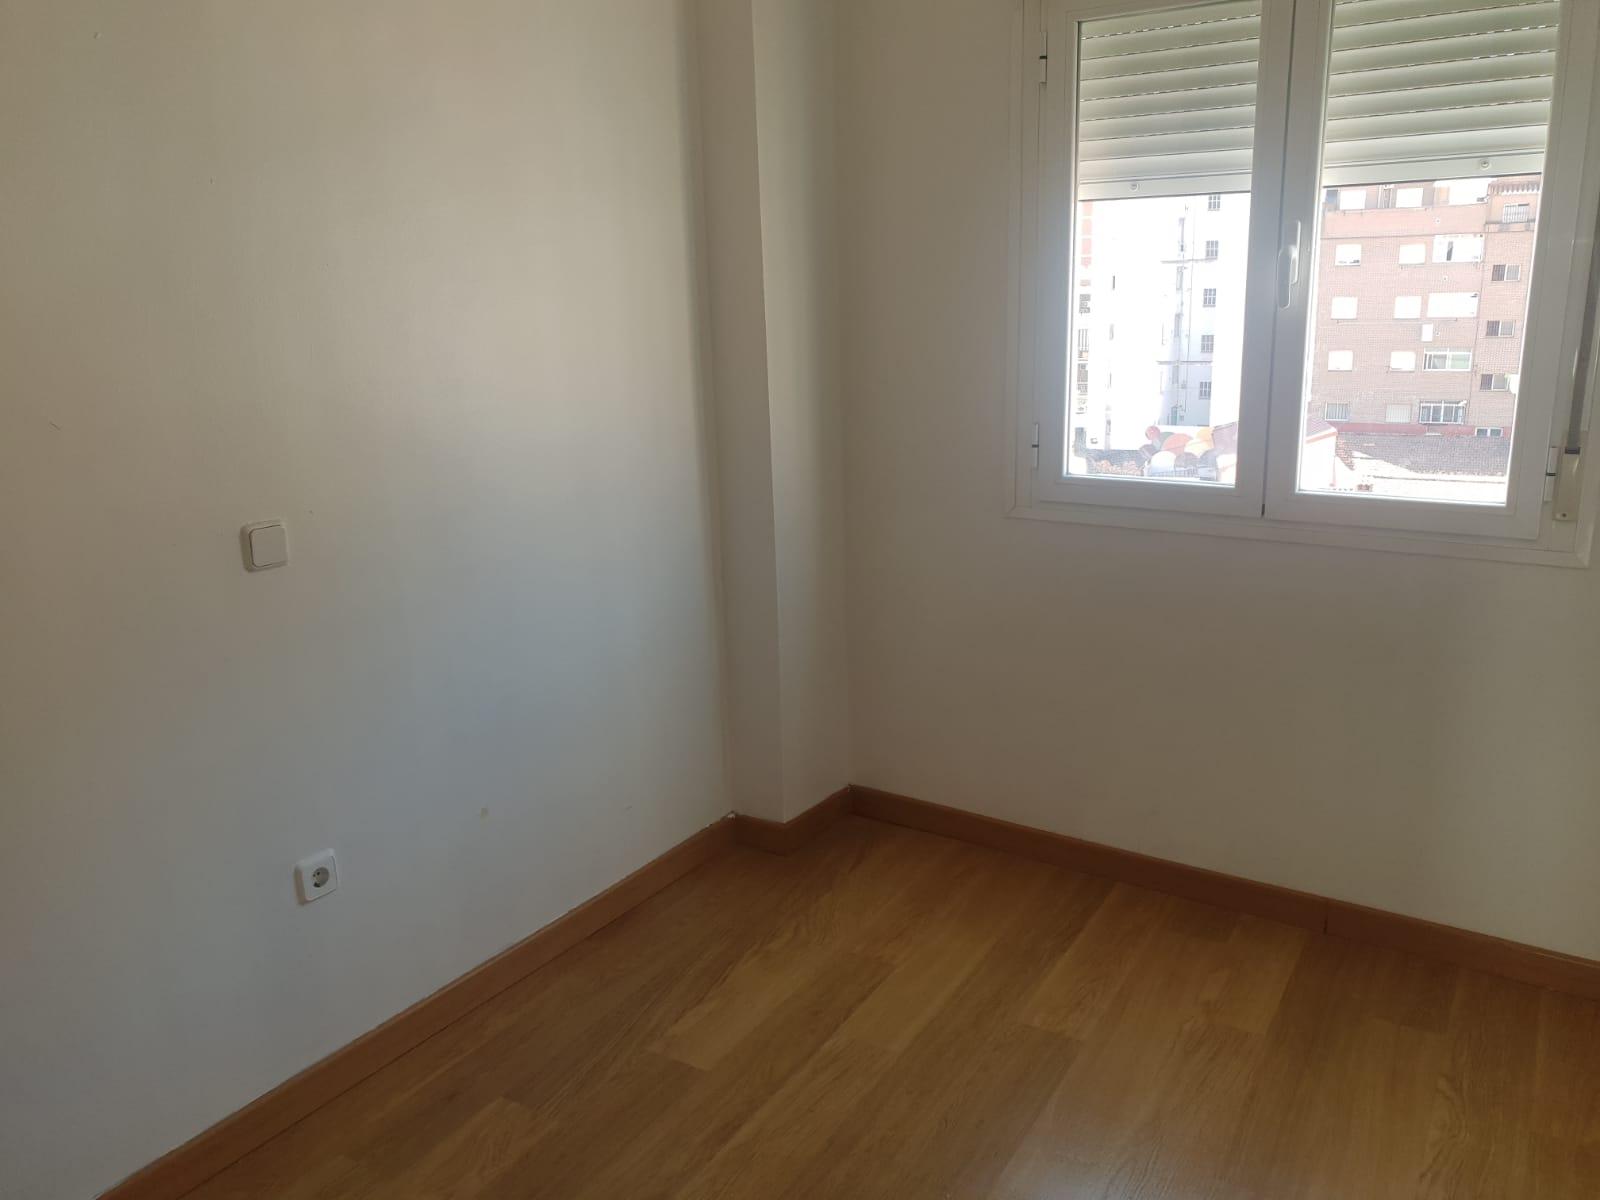 Piso en venta en Barrio de Santa Maria, Talavera de la Reina, Toledo, Avenida Pio Xii, 62.000 €, 2 habitaciones, 1 baño, 51 m2